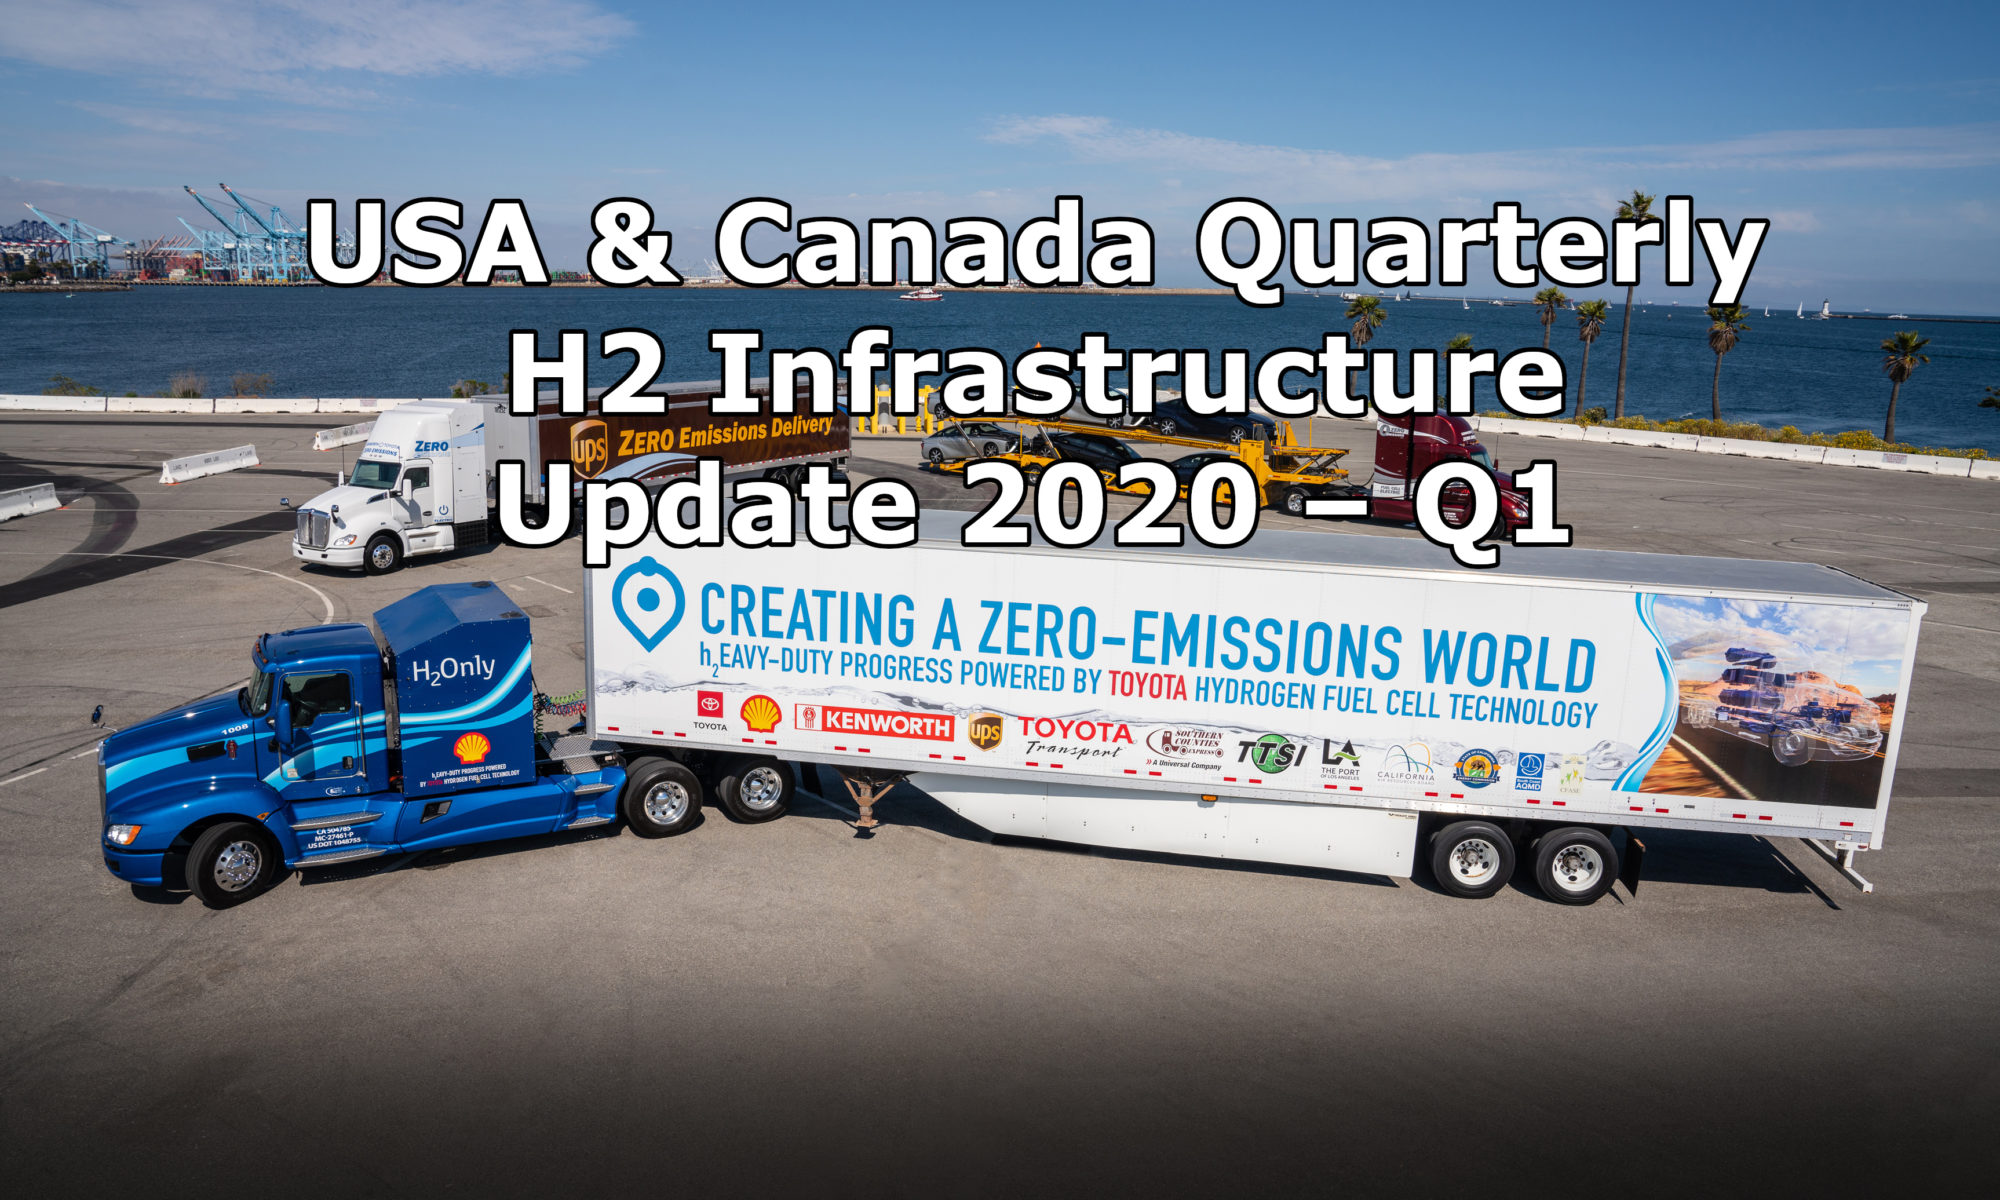 USA & CANADA QUARTERLY H2 INFRASTRUCTURE UPDATE 2020-Q1